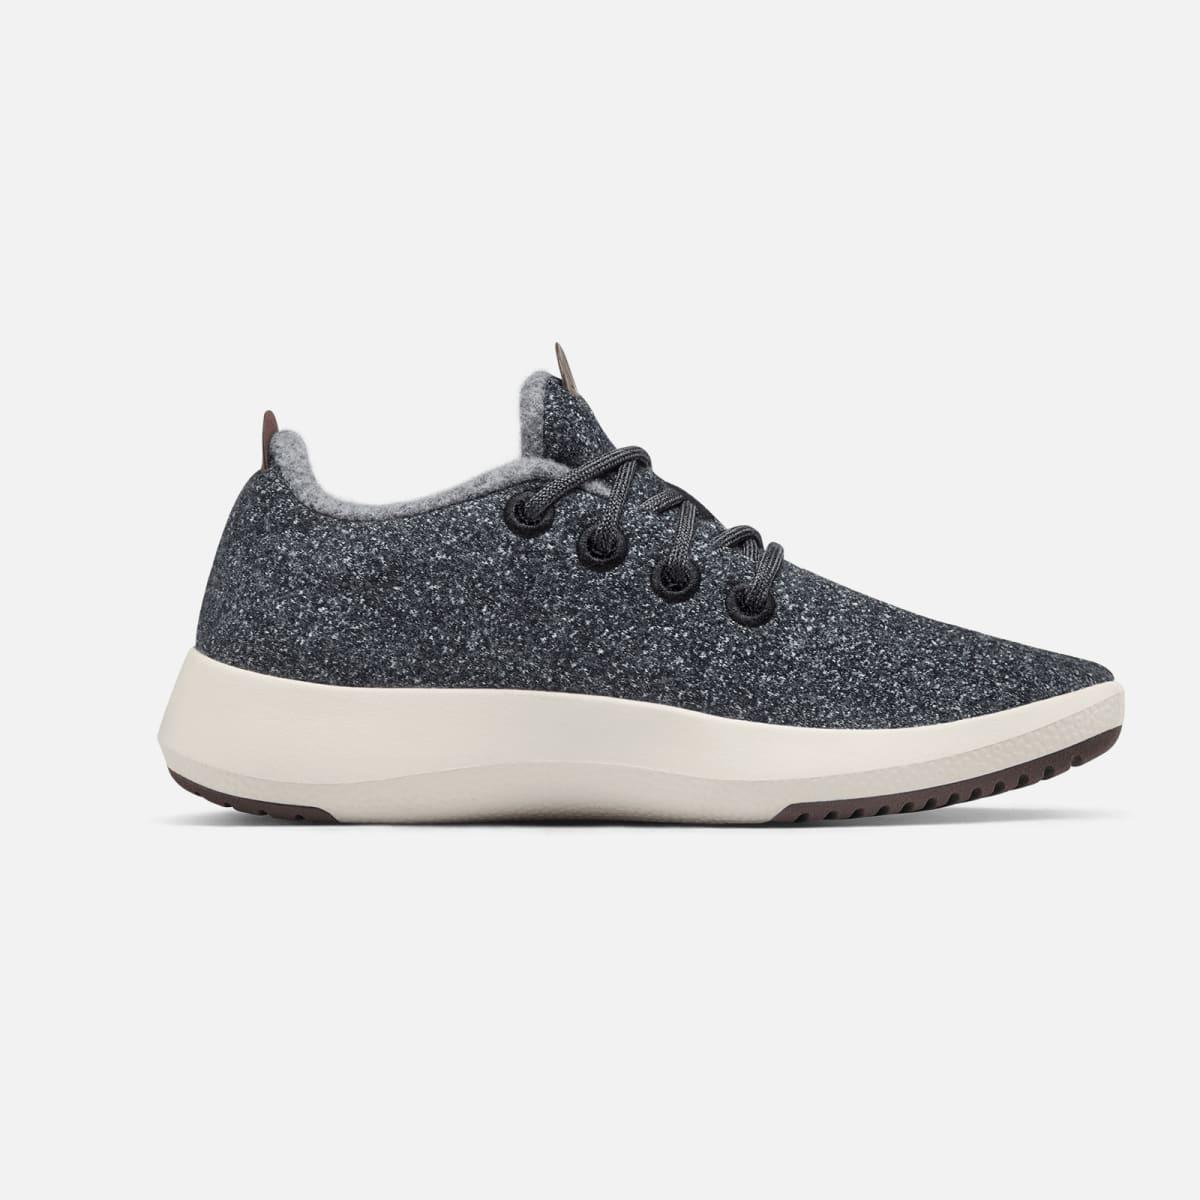 Amazon Allbirds Sneakers: Cheap Wool